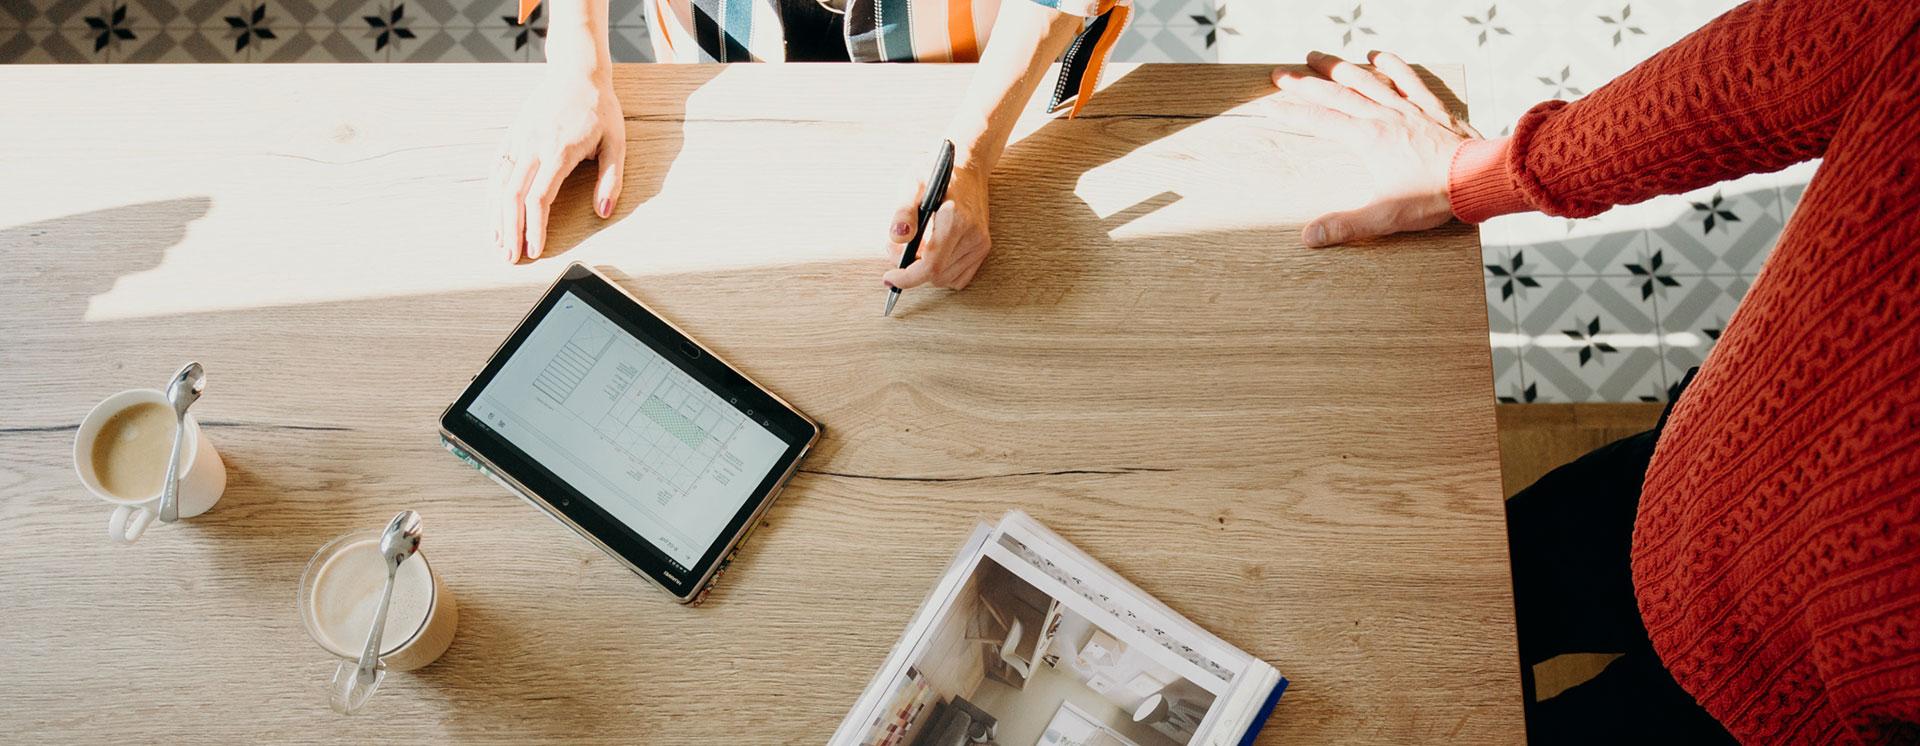 Informacje na temat biura projektowego SMART DESIGN- projektowanie wnętrz